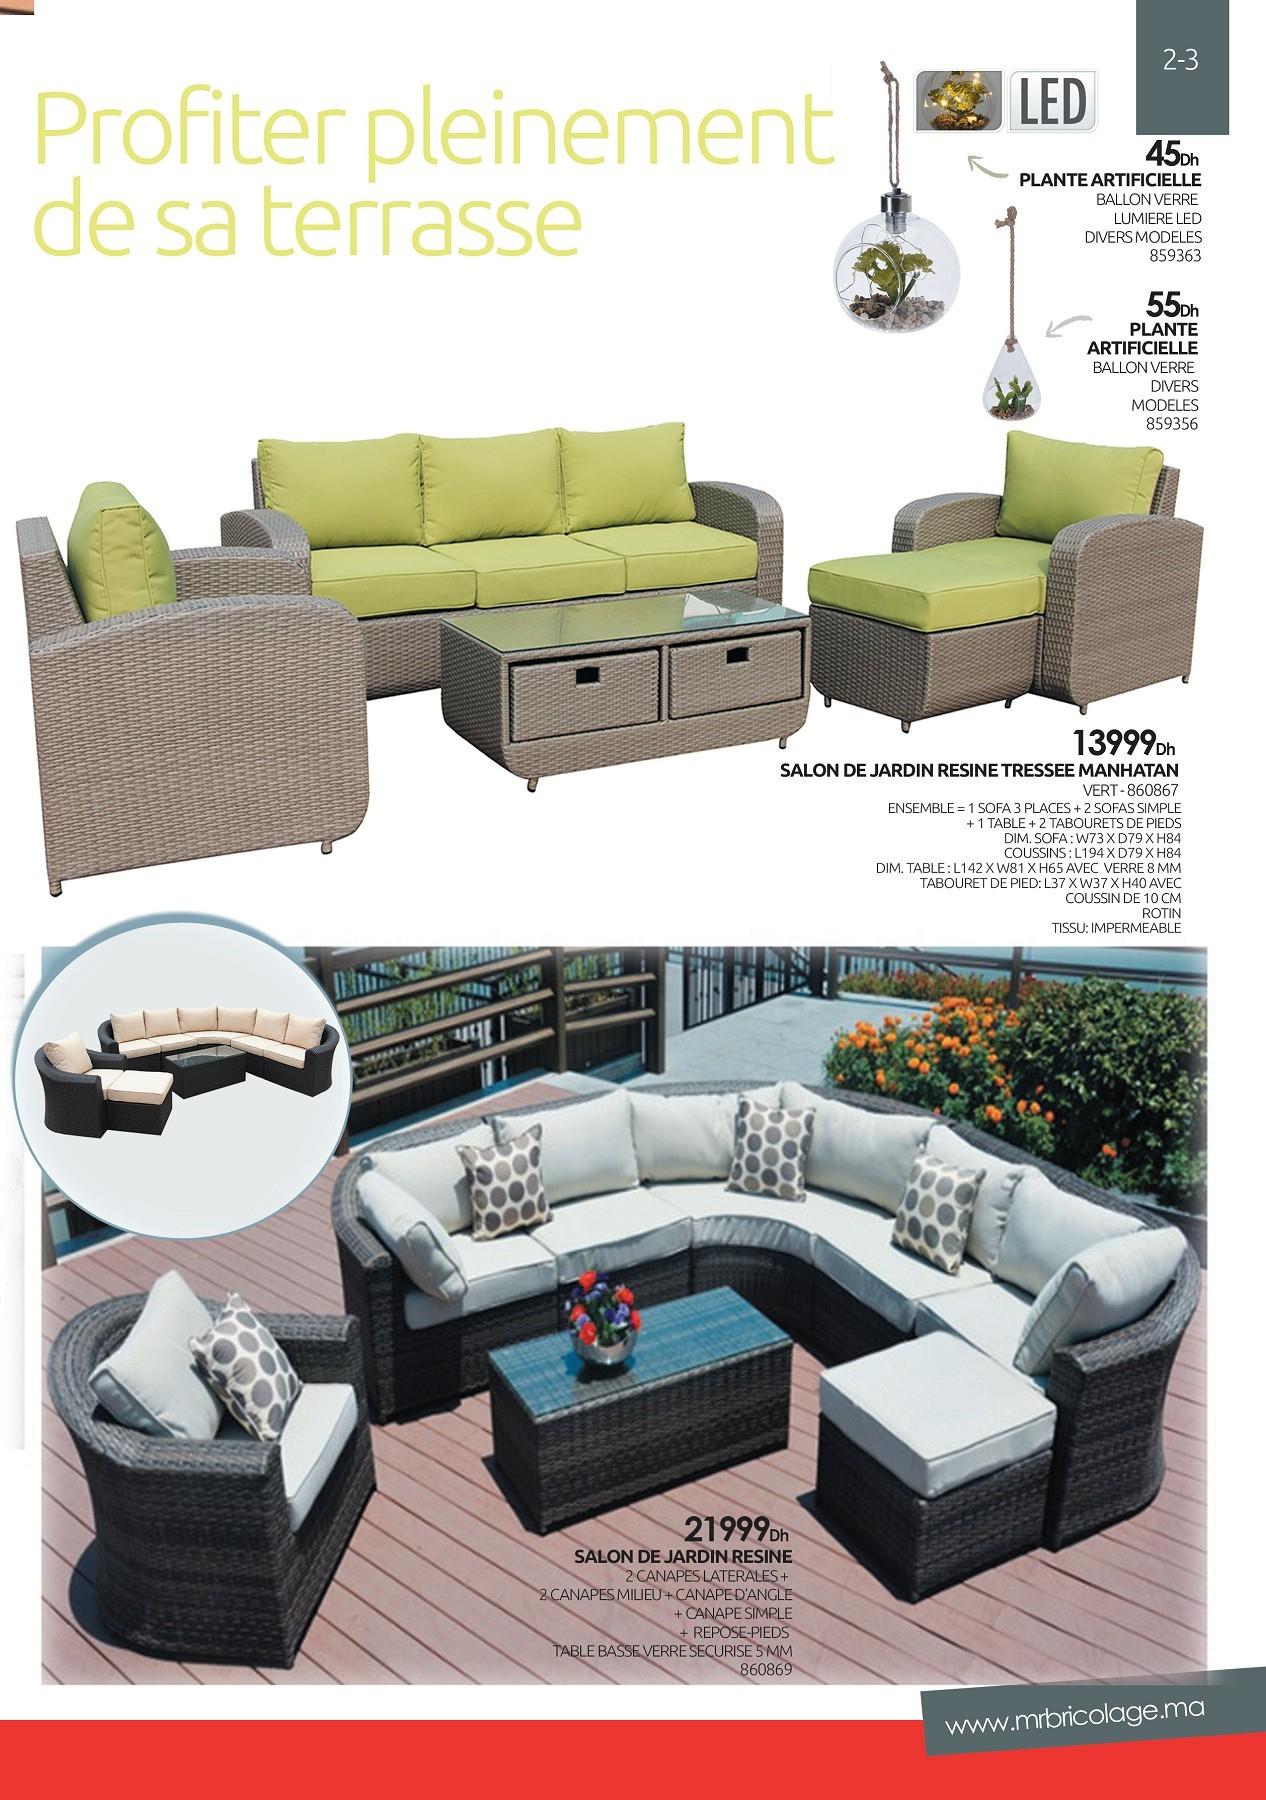 Catalogue Mb Pages 1 - 24 - Text Version | Fliphtml5 intérieur Salon De Jardin Mr Bricolage